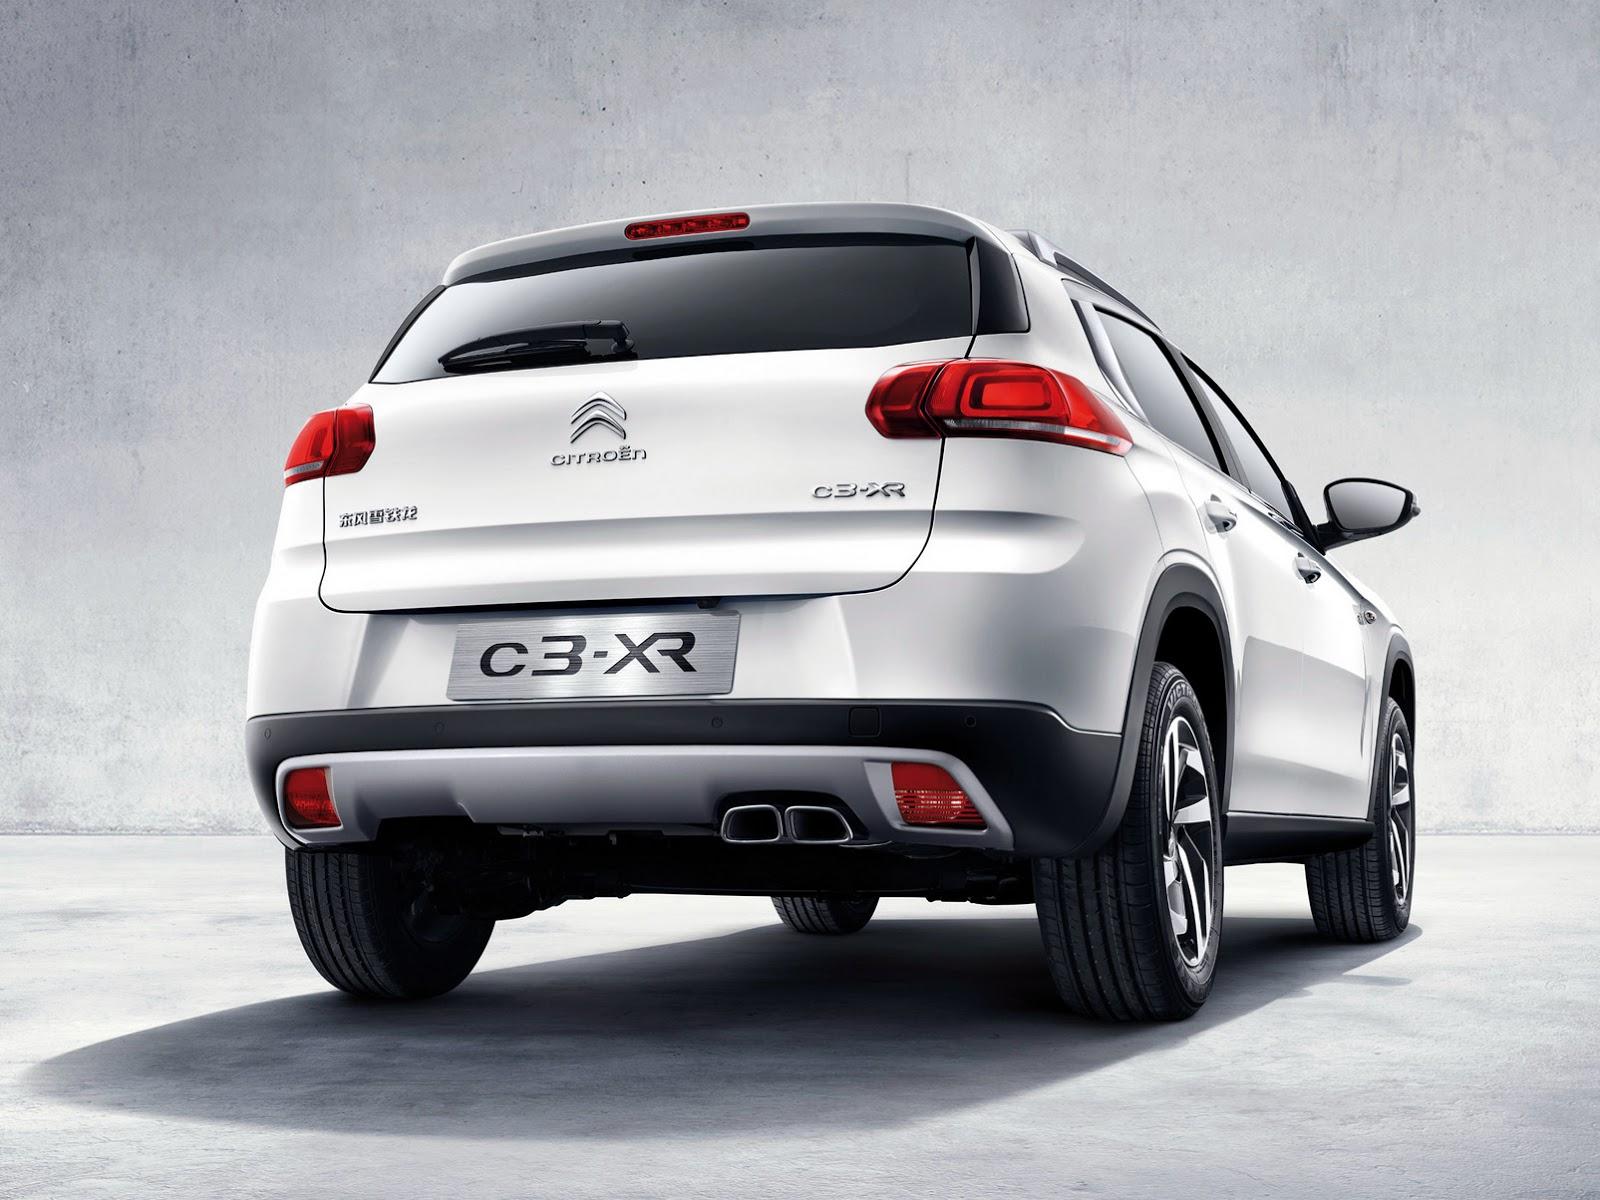 Ситроен выпустила лимитированную «позолоченную» спецверсию кроссовера C3-XR